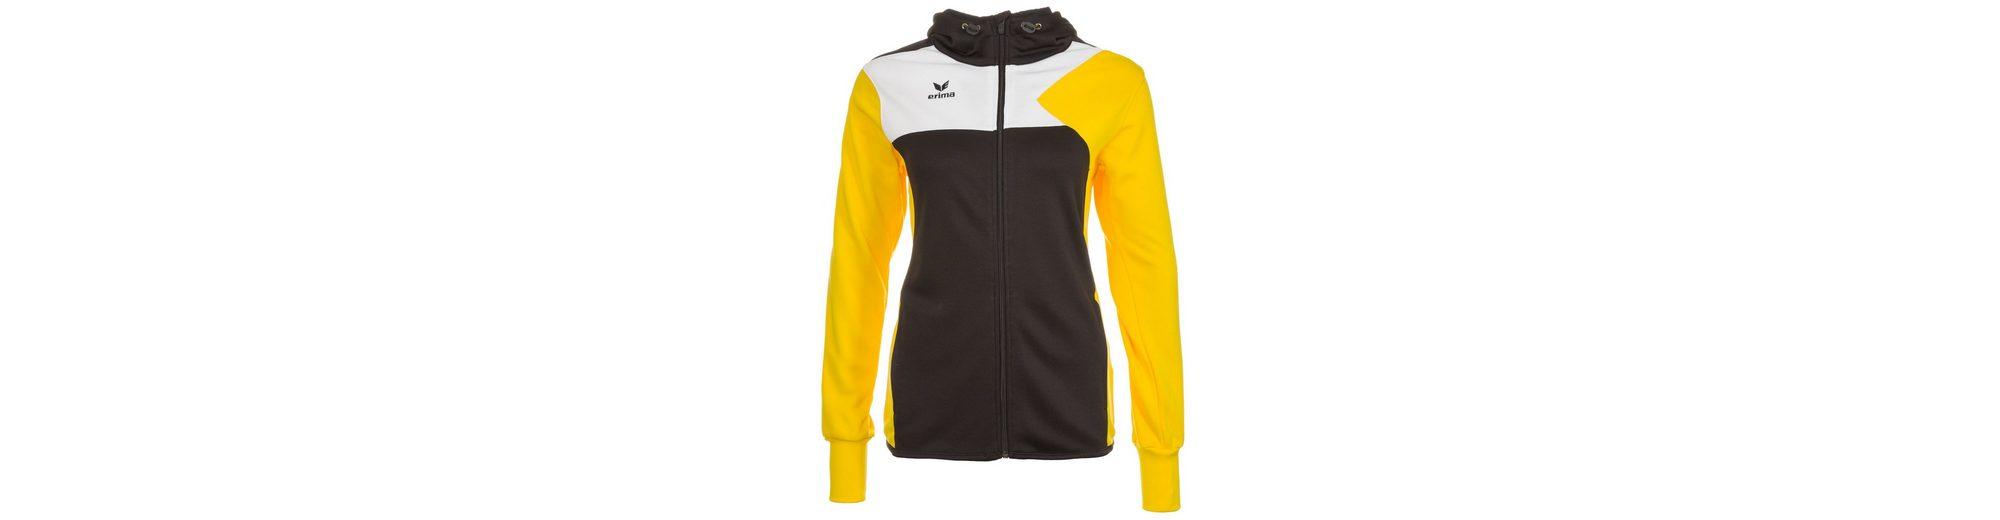 ERIMA Premium One Trainingsjacke mit Kapuze Damen Bester Verkauf Verkauf Online Durchsuche 6IvjMwBvU